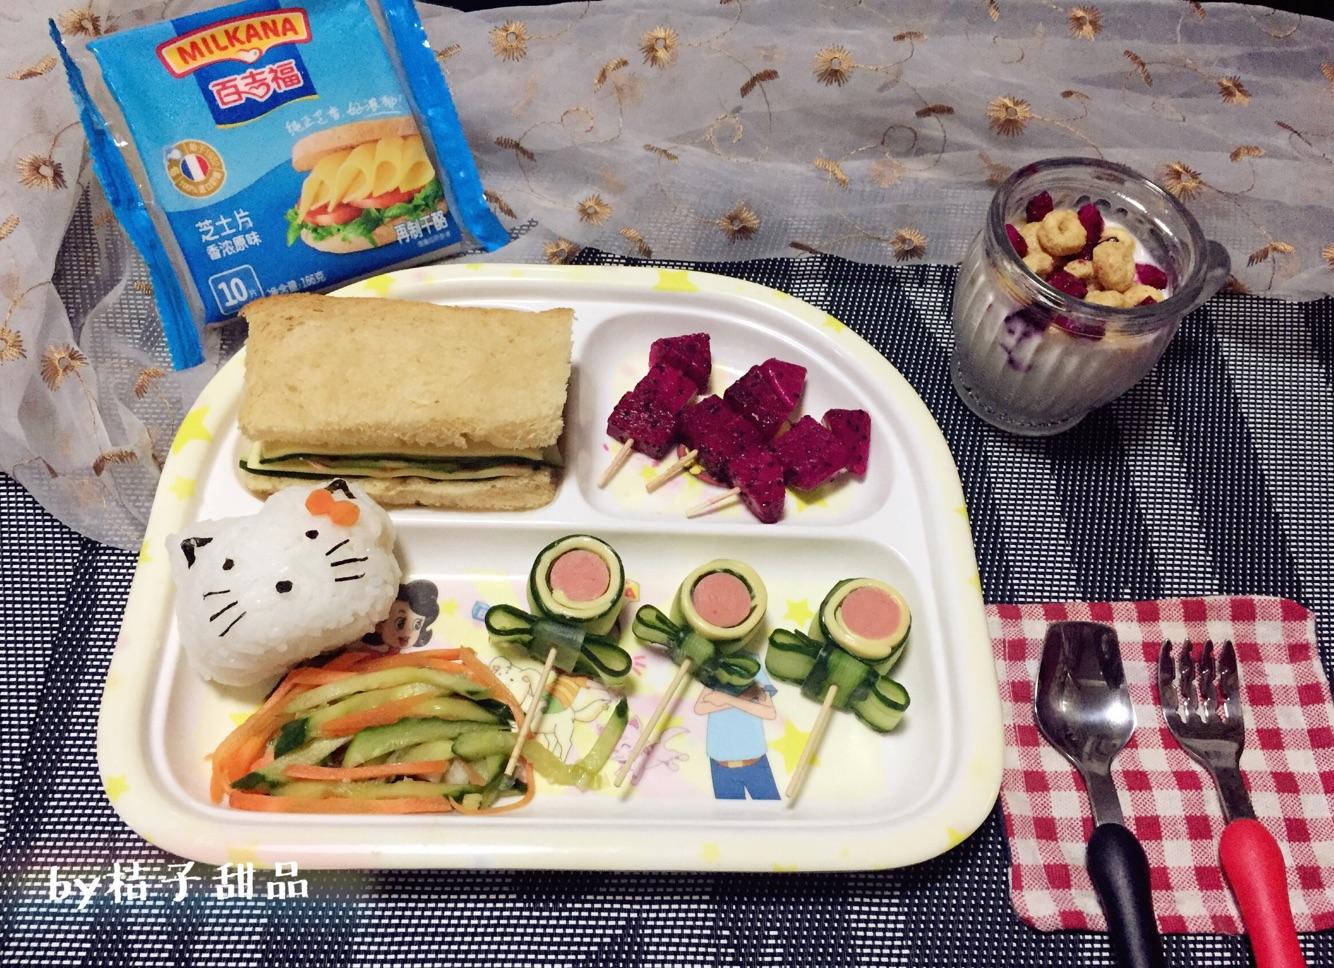 芝士三明治卡通饭团便当#百吉福食尚达人#的做法